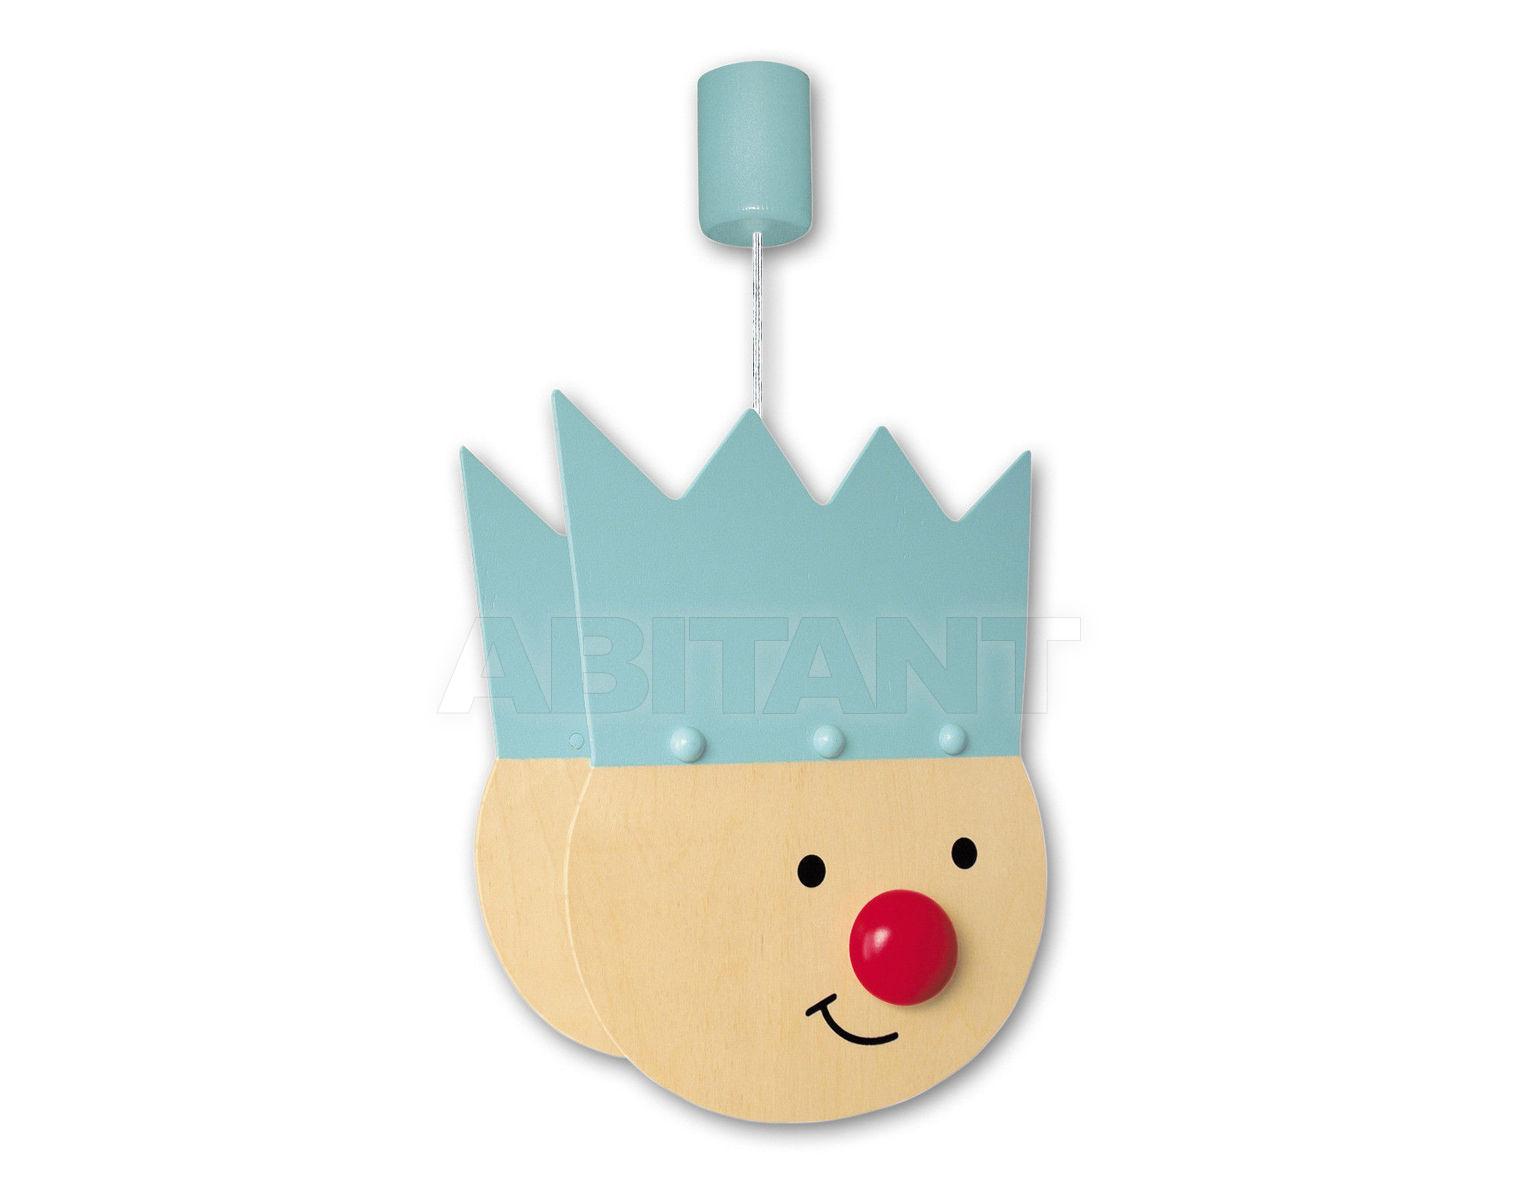 Купить Светильник для детской  Waldi Leuchten Lampen Fur Kinder 2012 65433.0